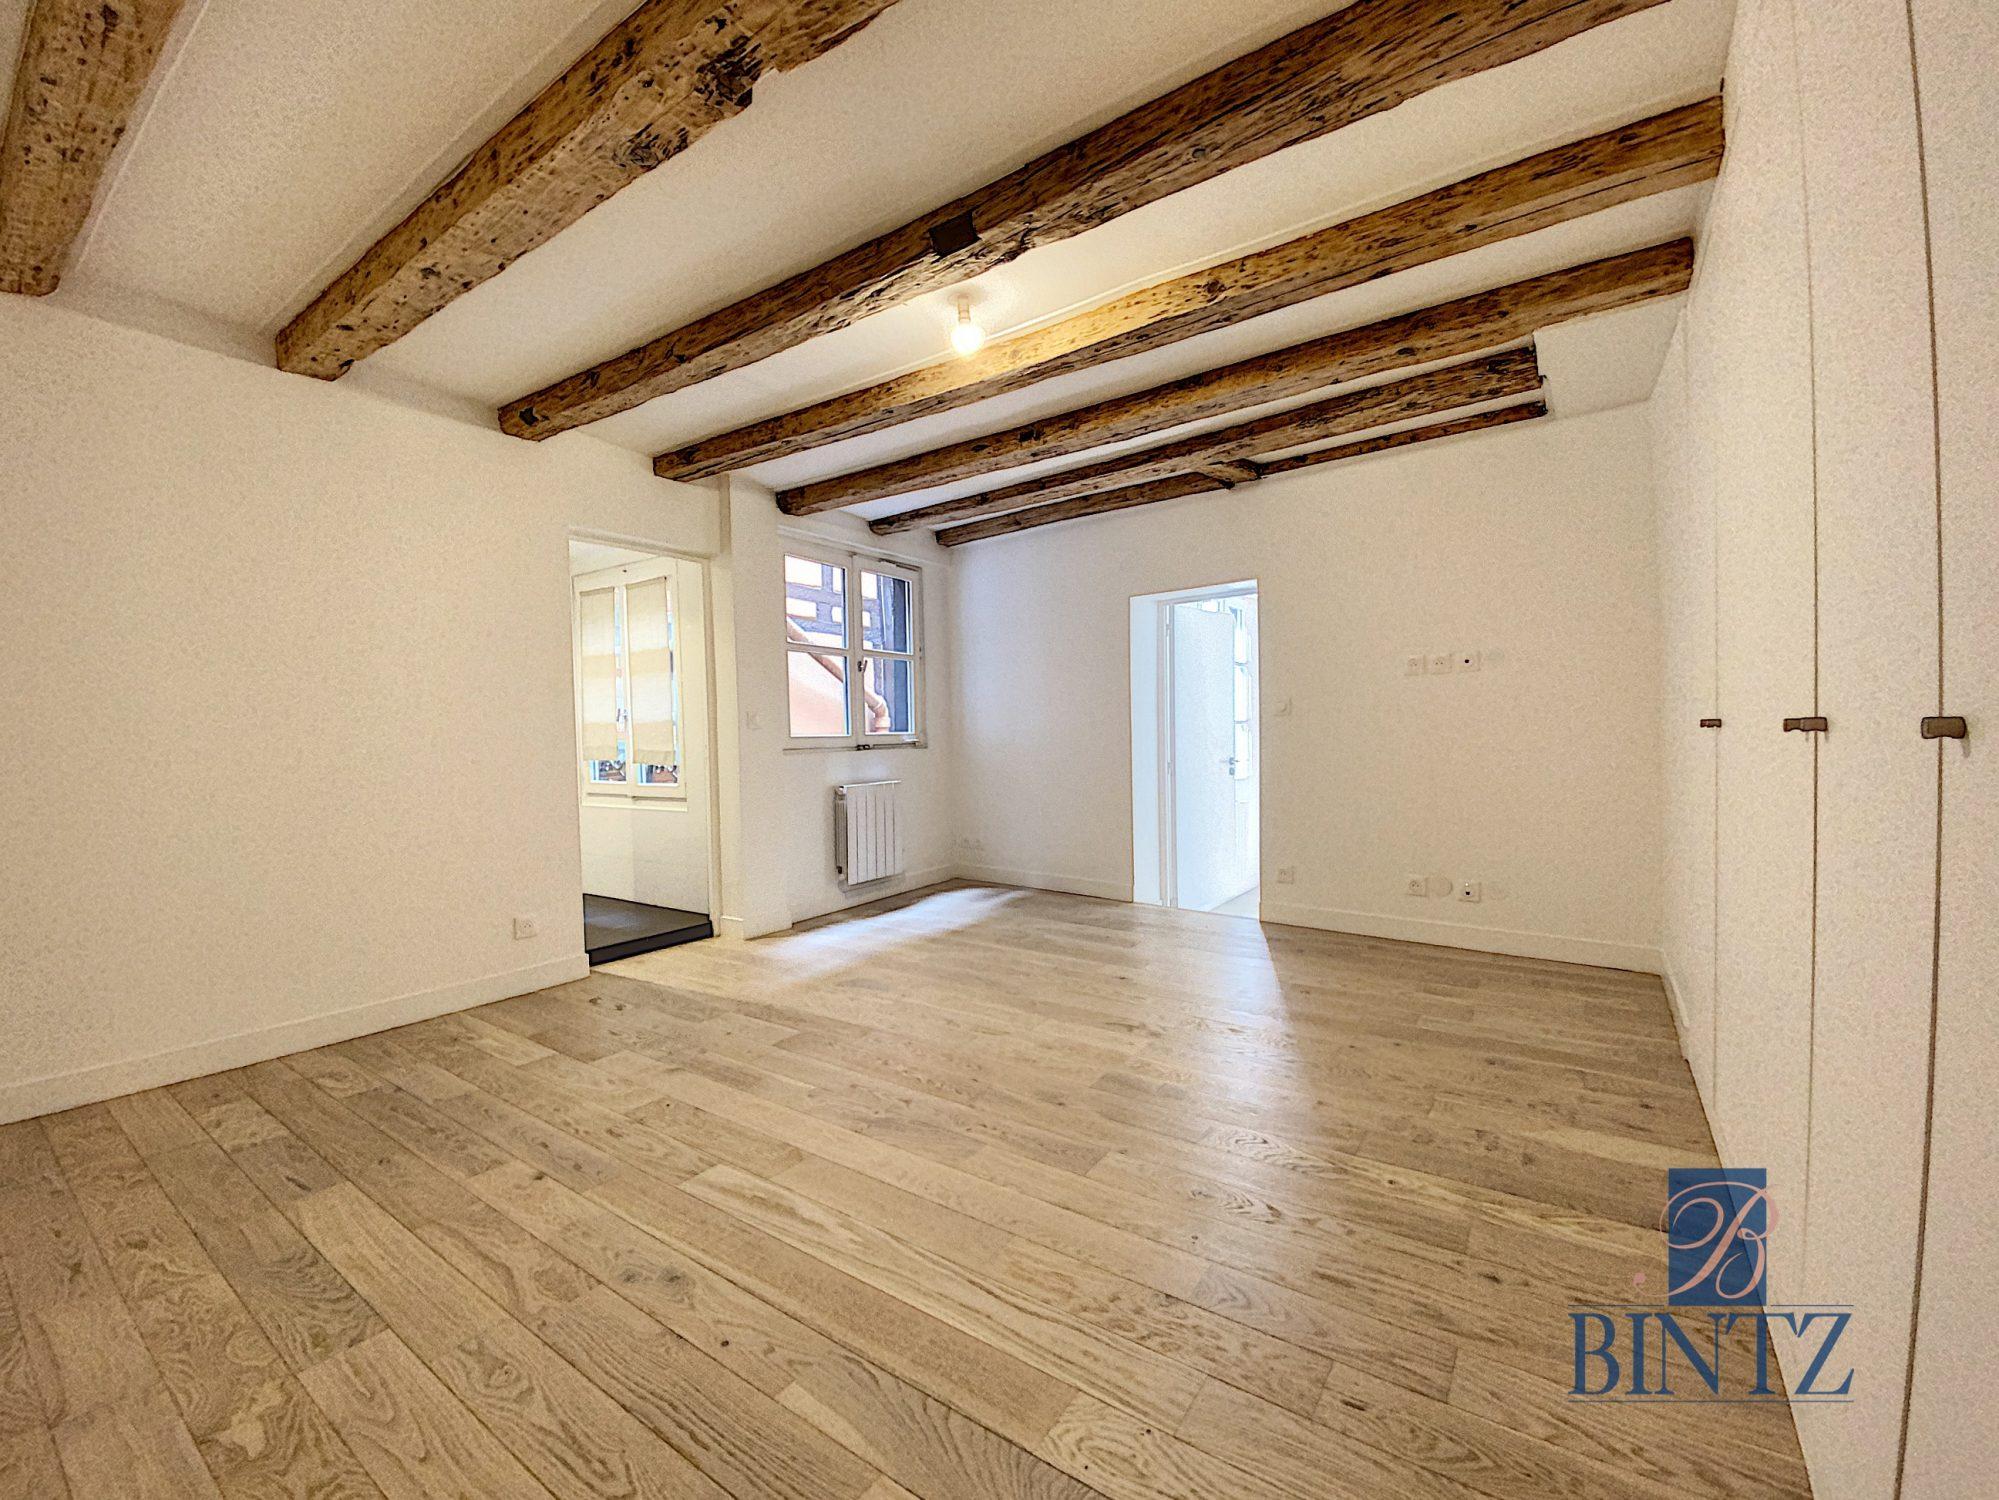 HYPER CENTRE – 4P ENTIÈREMENT RÉNOVÉ - Devenez propriétaire en toute confiance - Bintz Immobilier - 12